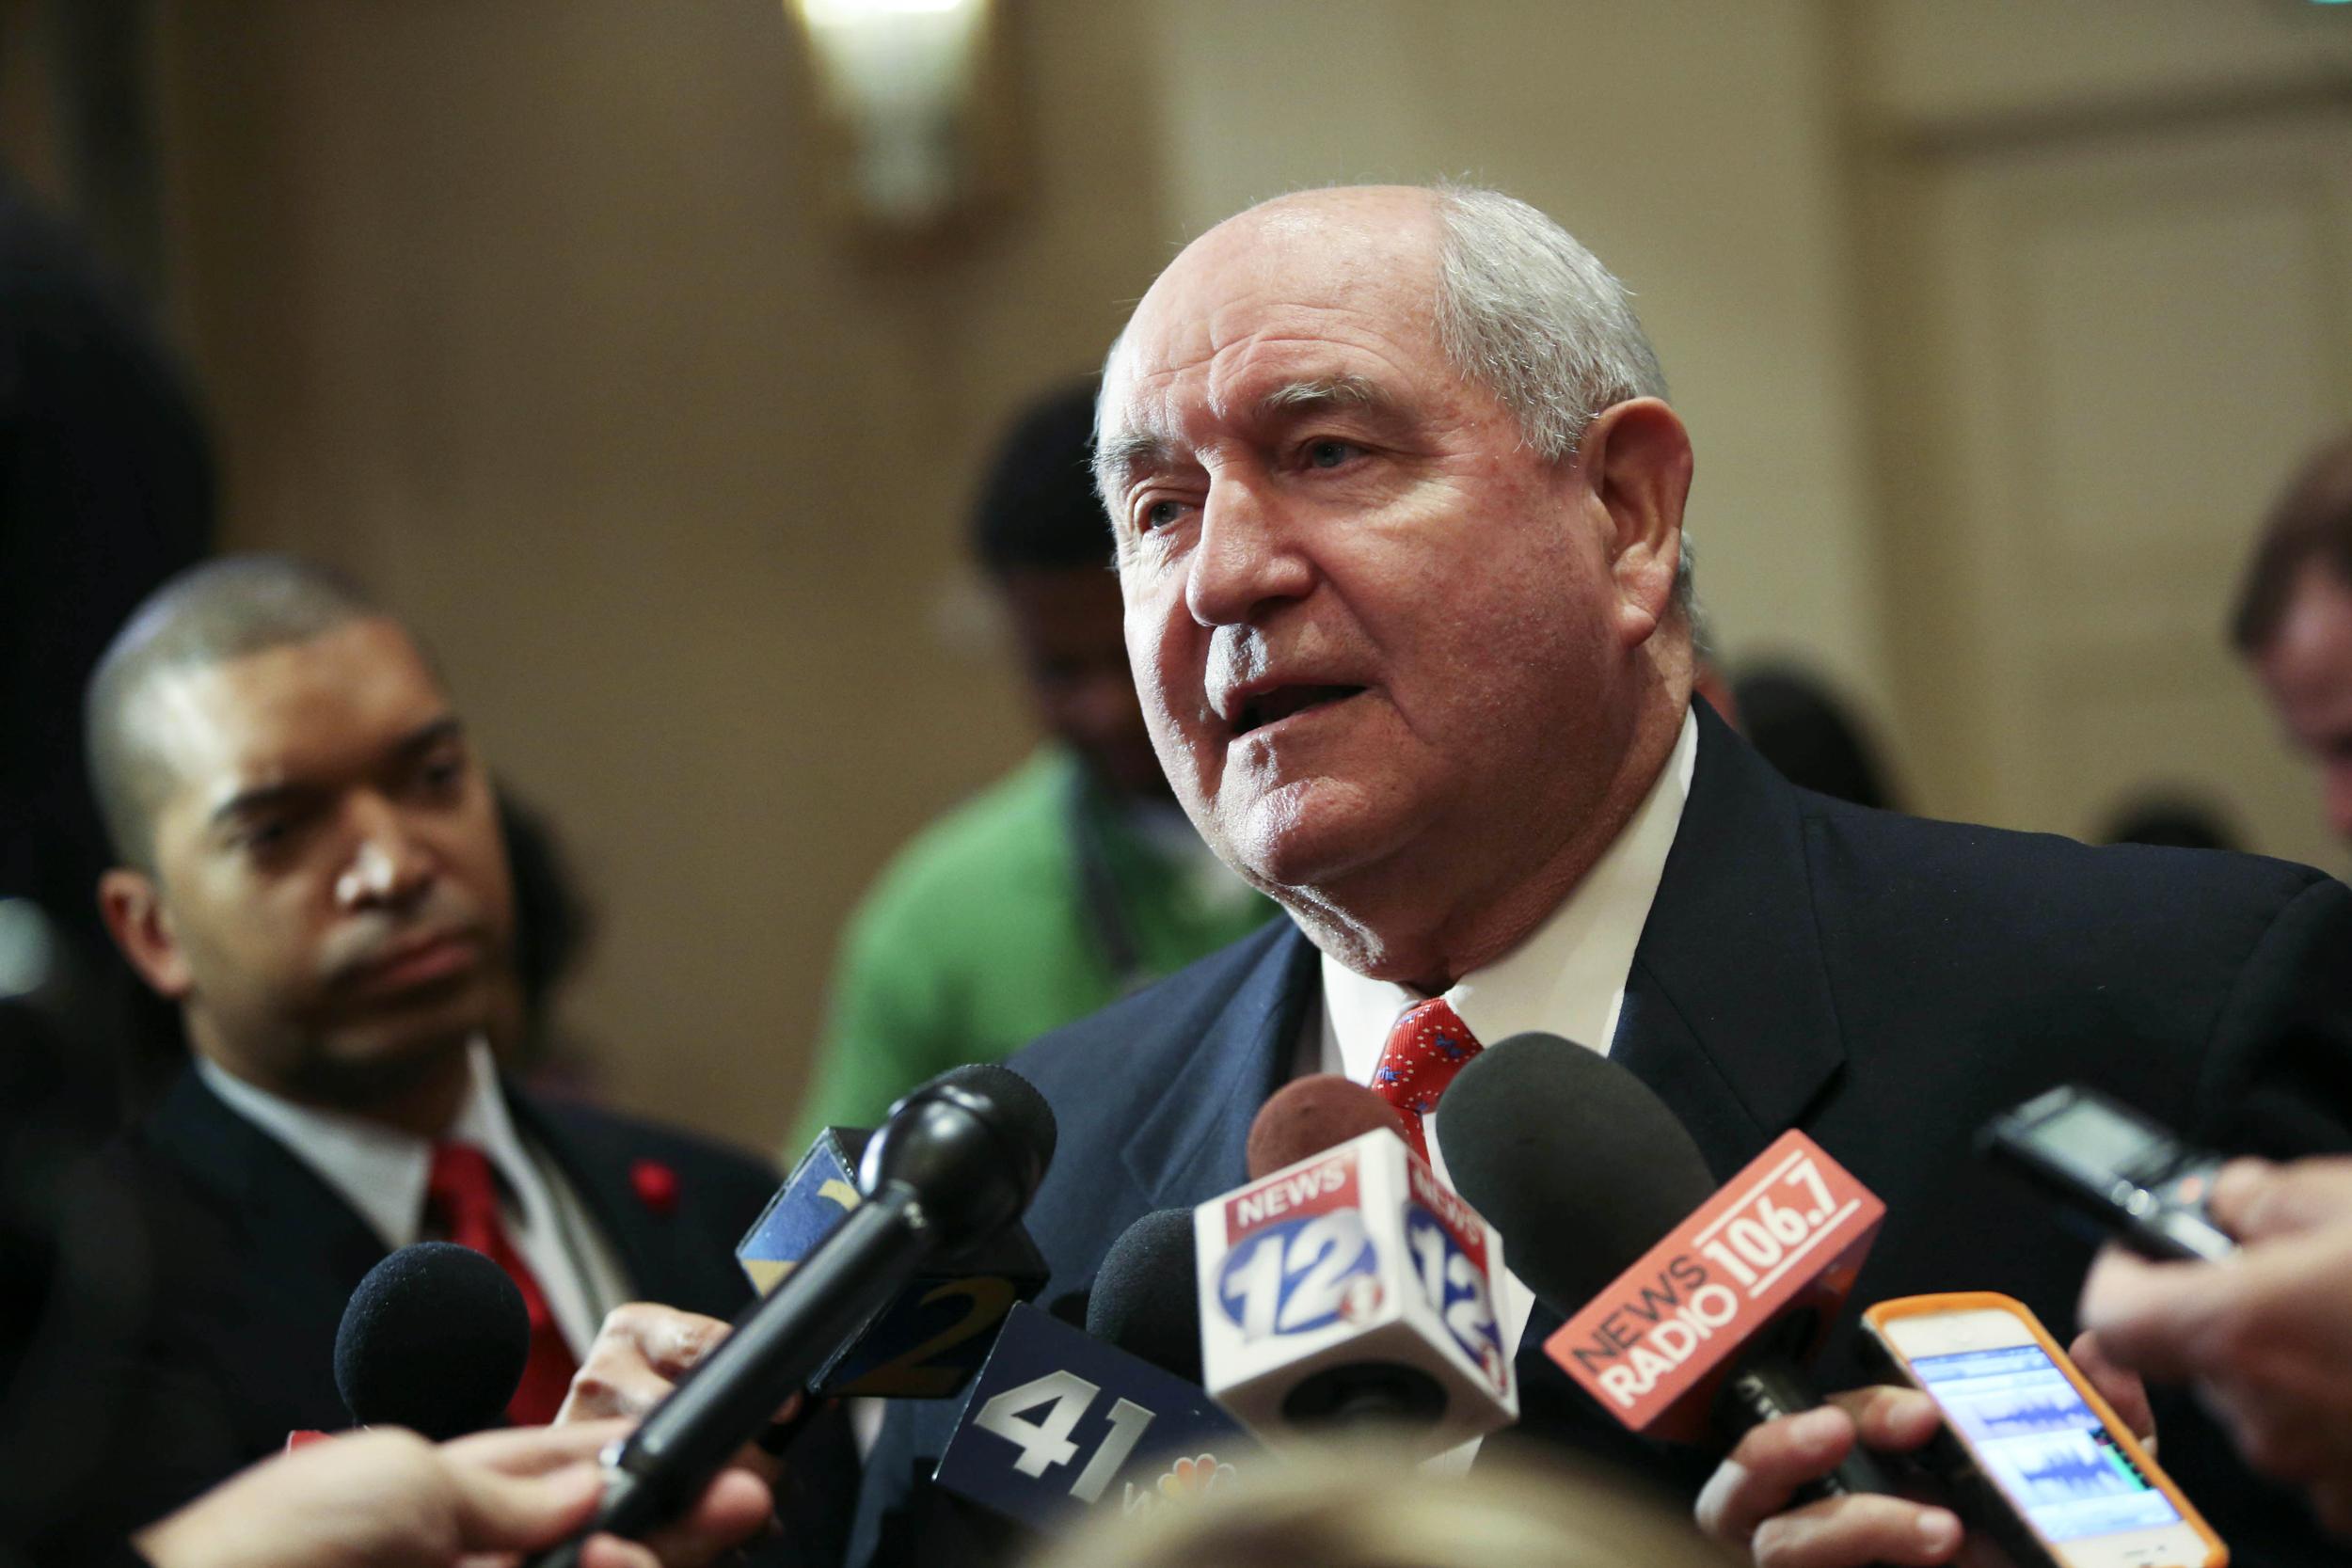 Image: Former Georgia Gov. Sonny Perdue talks with members of the media on Nov. 4, 2014 in Atlanta, Georgia.